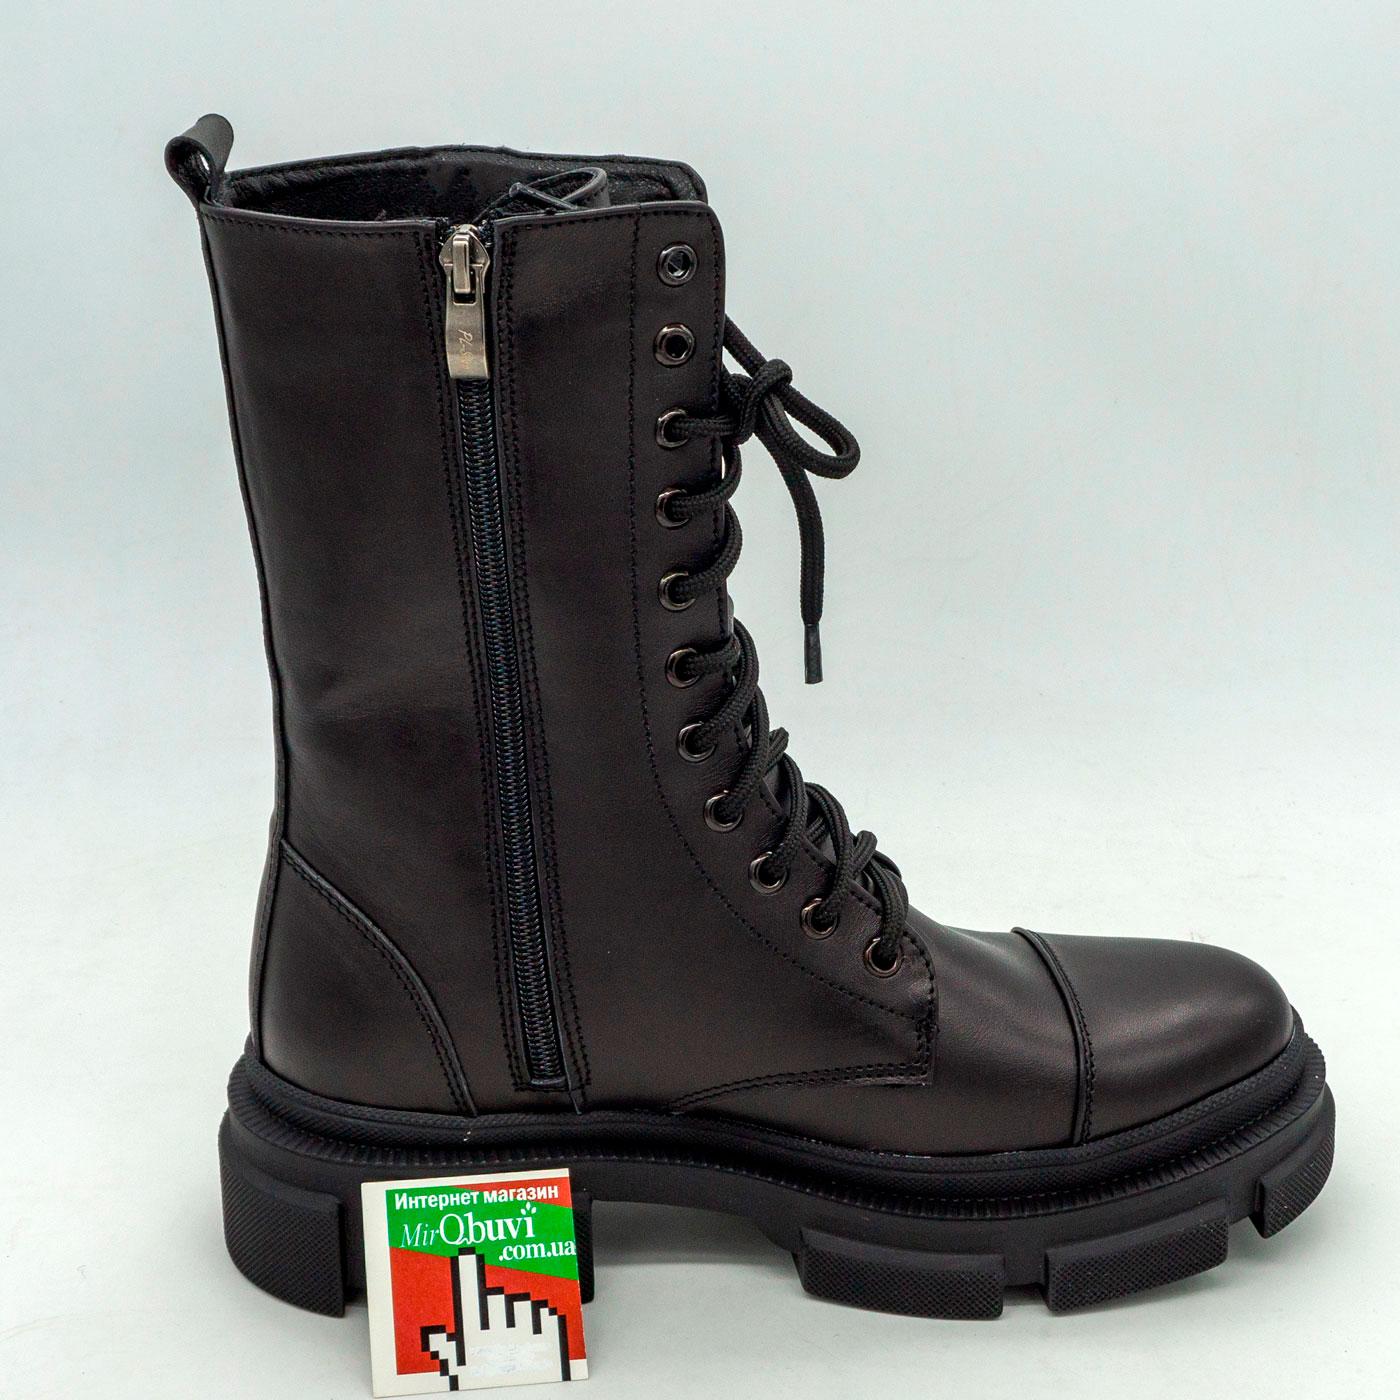 фото front Зимние черные женские ботинки в Dr. Martens на платформе - 0020 front